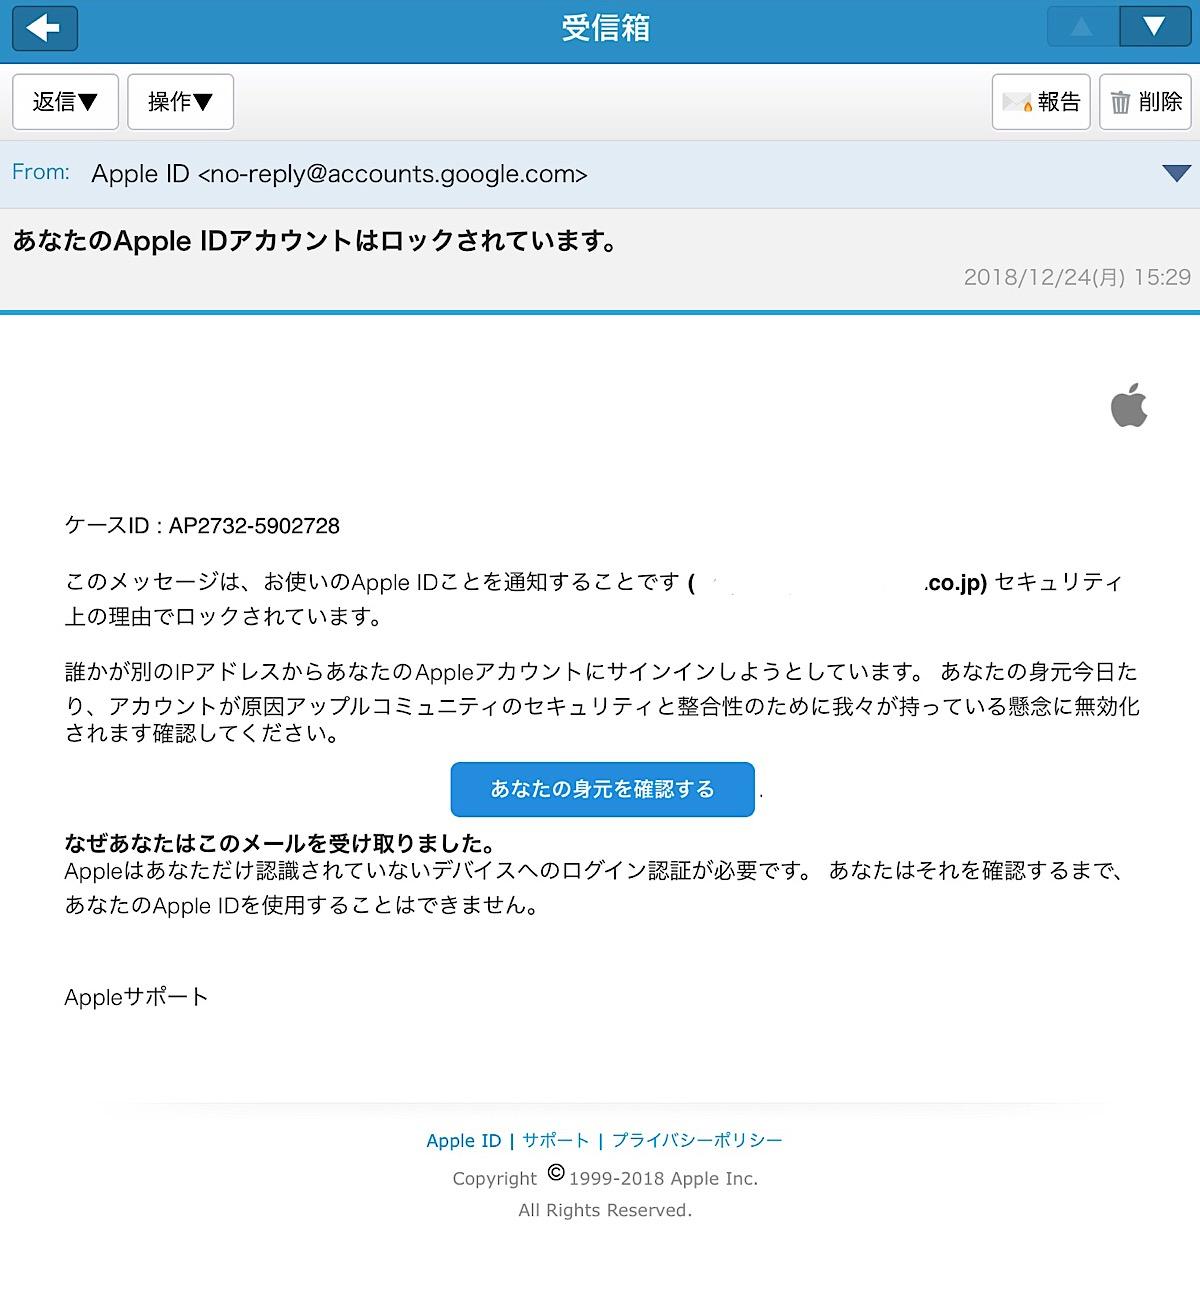 あなたのApple IDアカウントはロックされています。